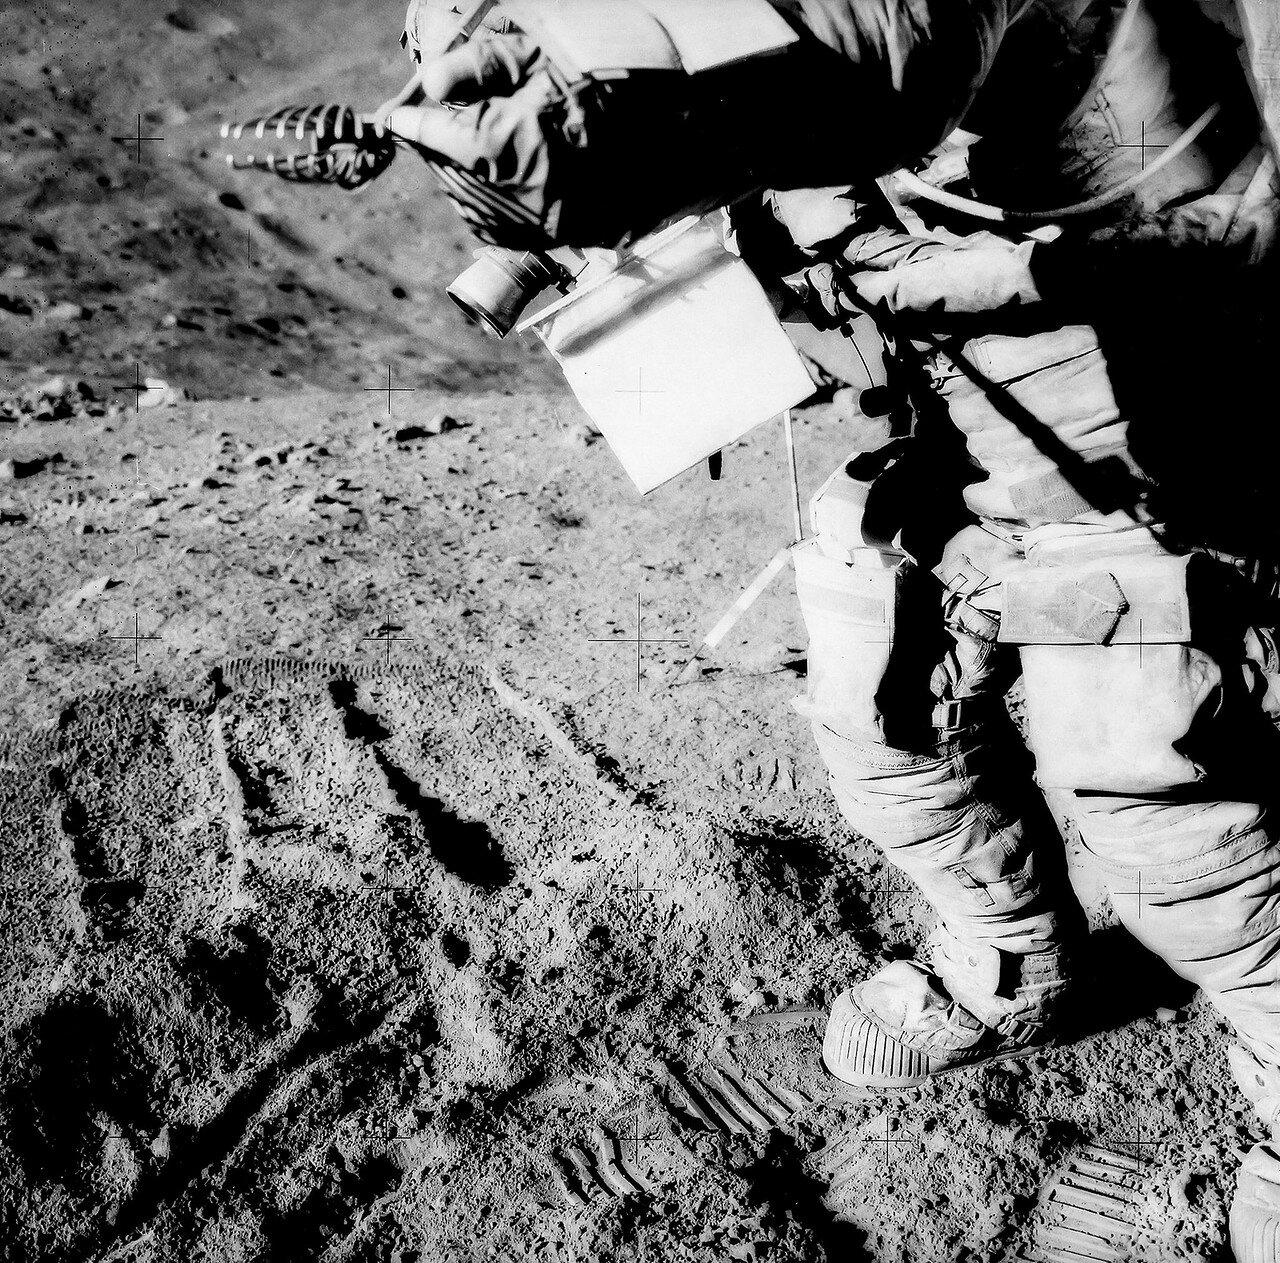 Вернувшись к лунному модулю, астронавты загрузили собранные образцы породы и кассеты с отснятой фотоплёнкой в контейнеры и, насколько это было возможно, щёткой почистили друг друга от лунной пыли. На снимке: Дэвид Скотт, покрытый лунной пылью